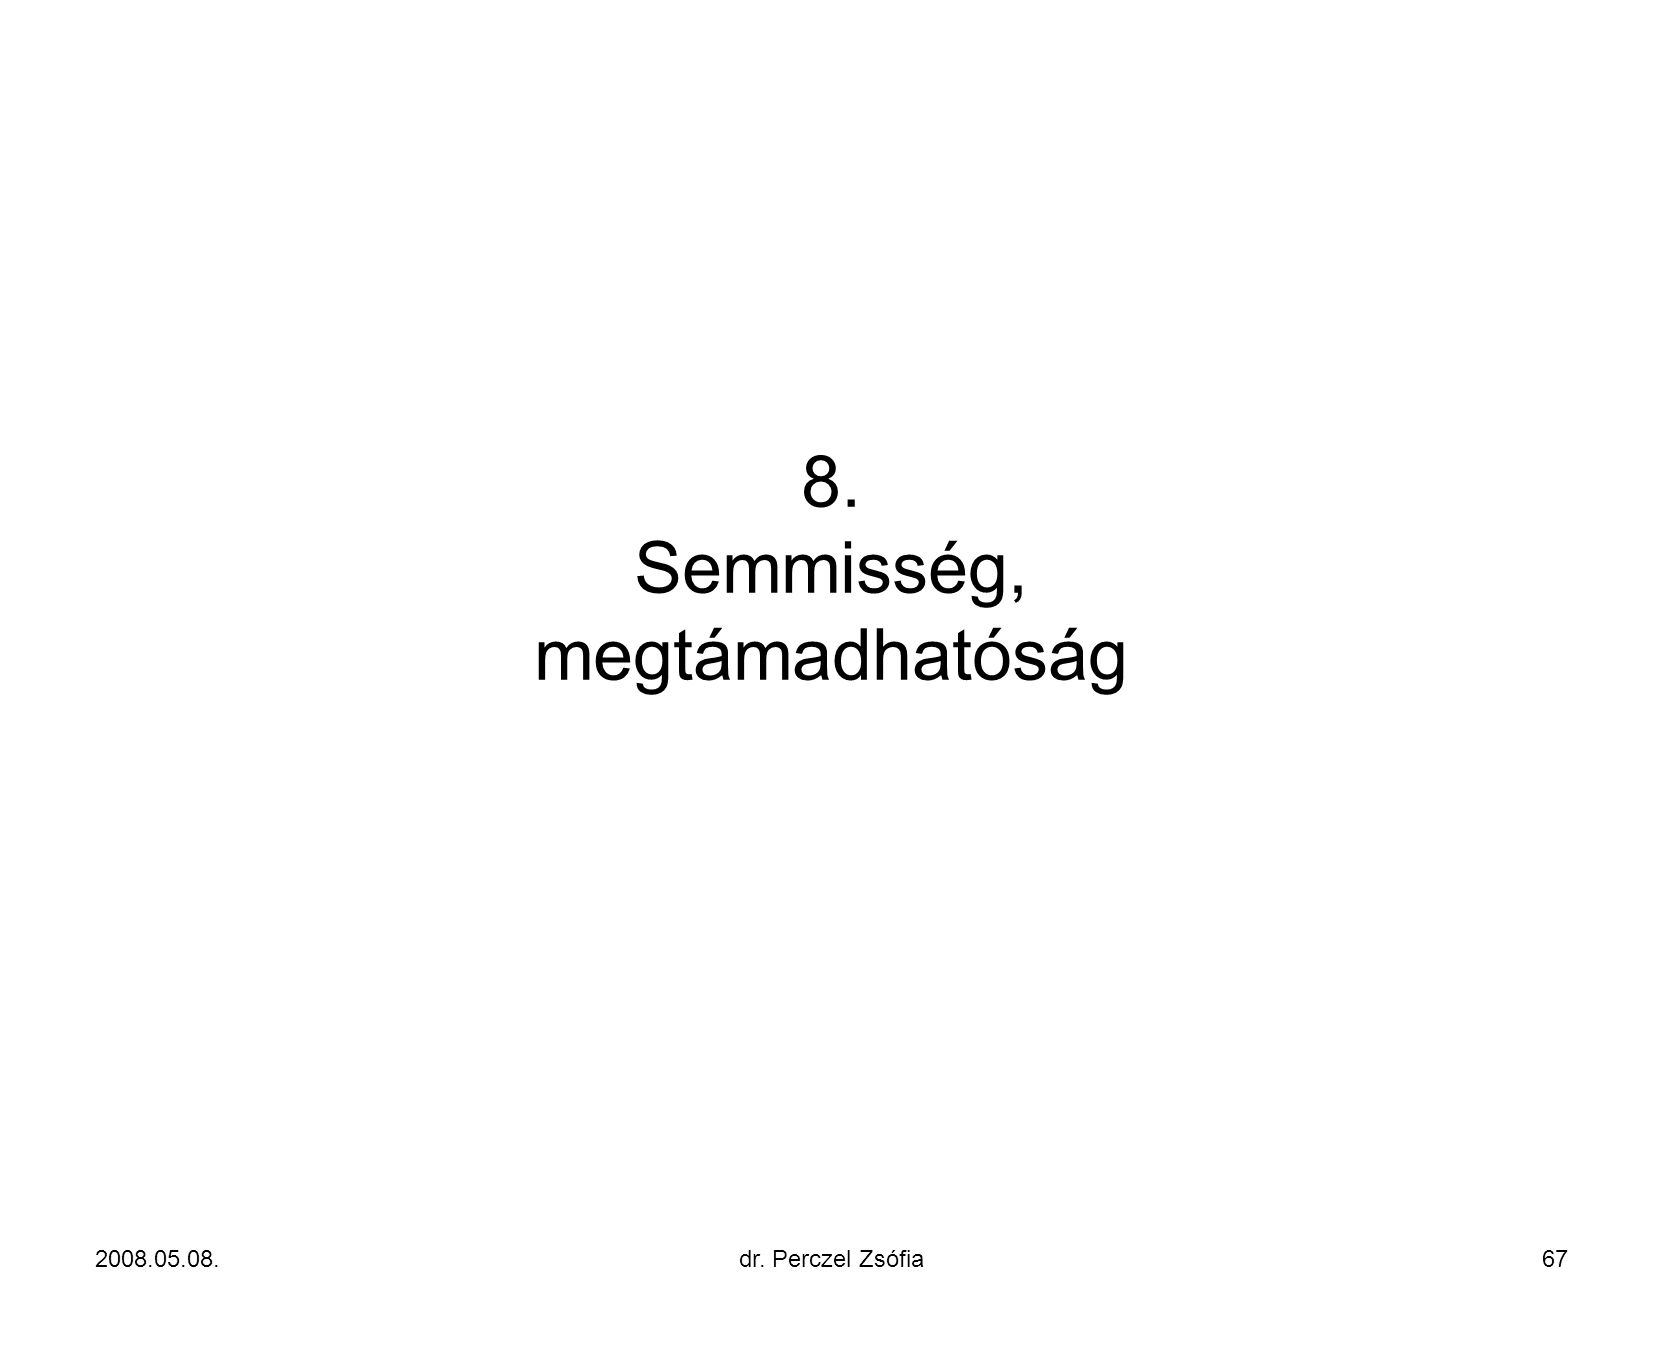 8. Semmisség, megtámadhatóság